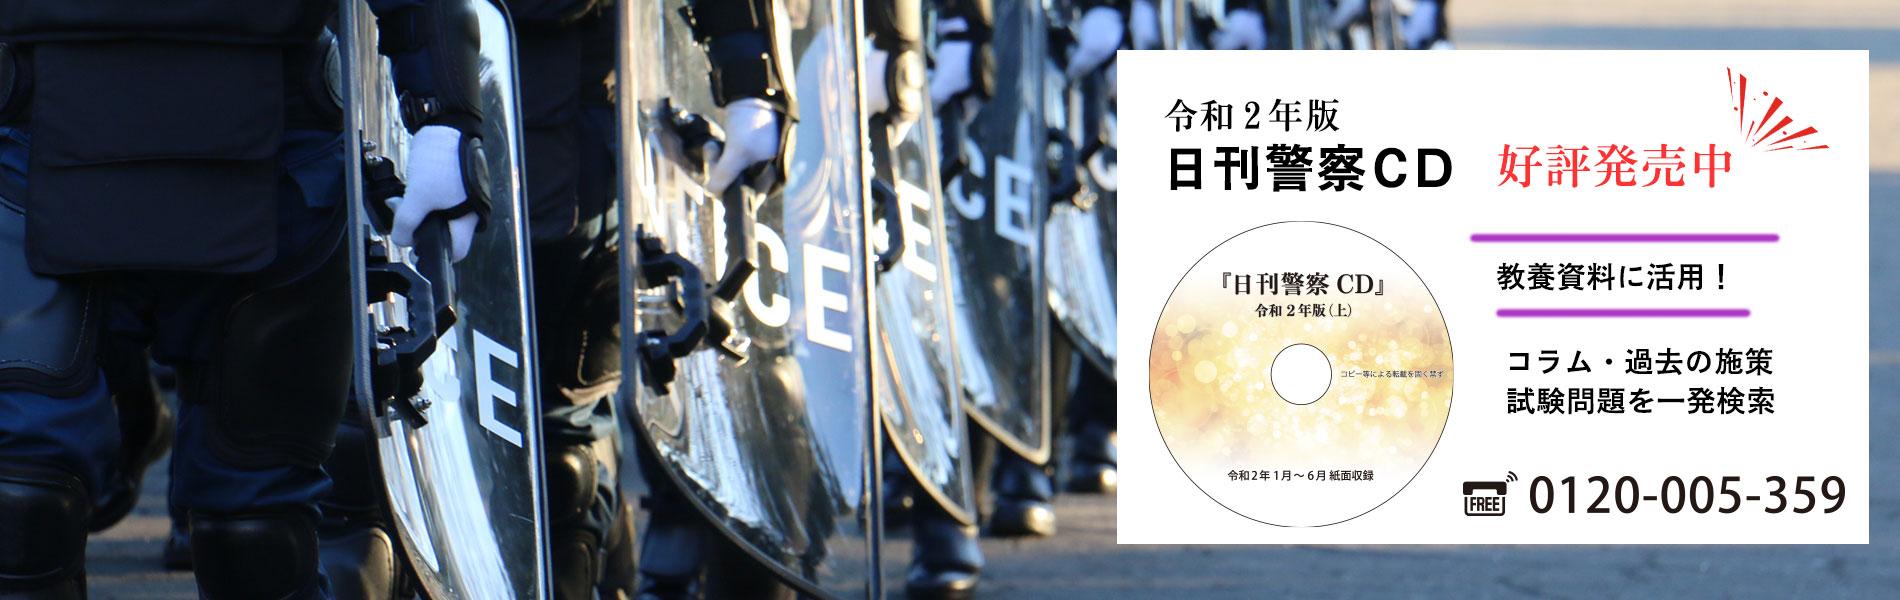 令和2年版日刊警察CD販売中